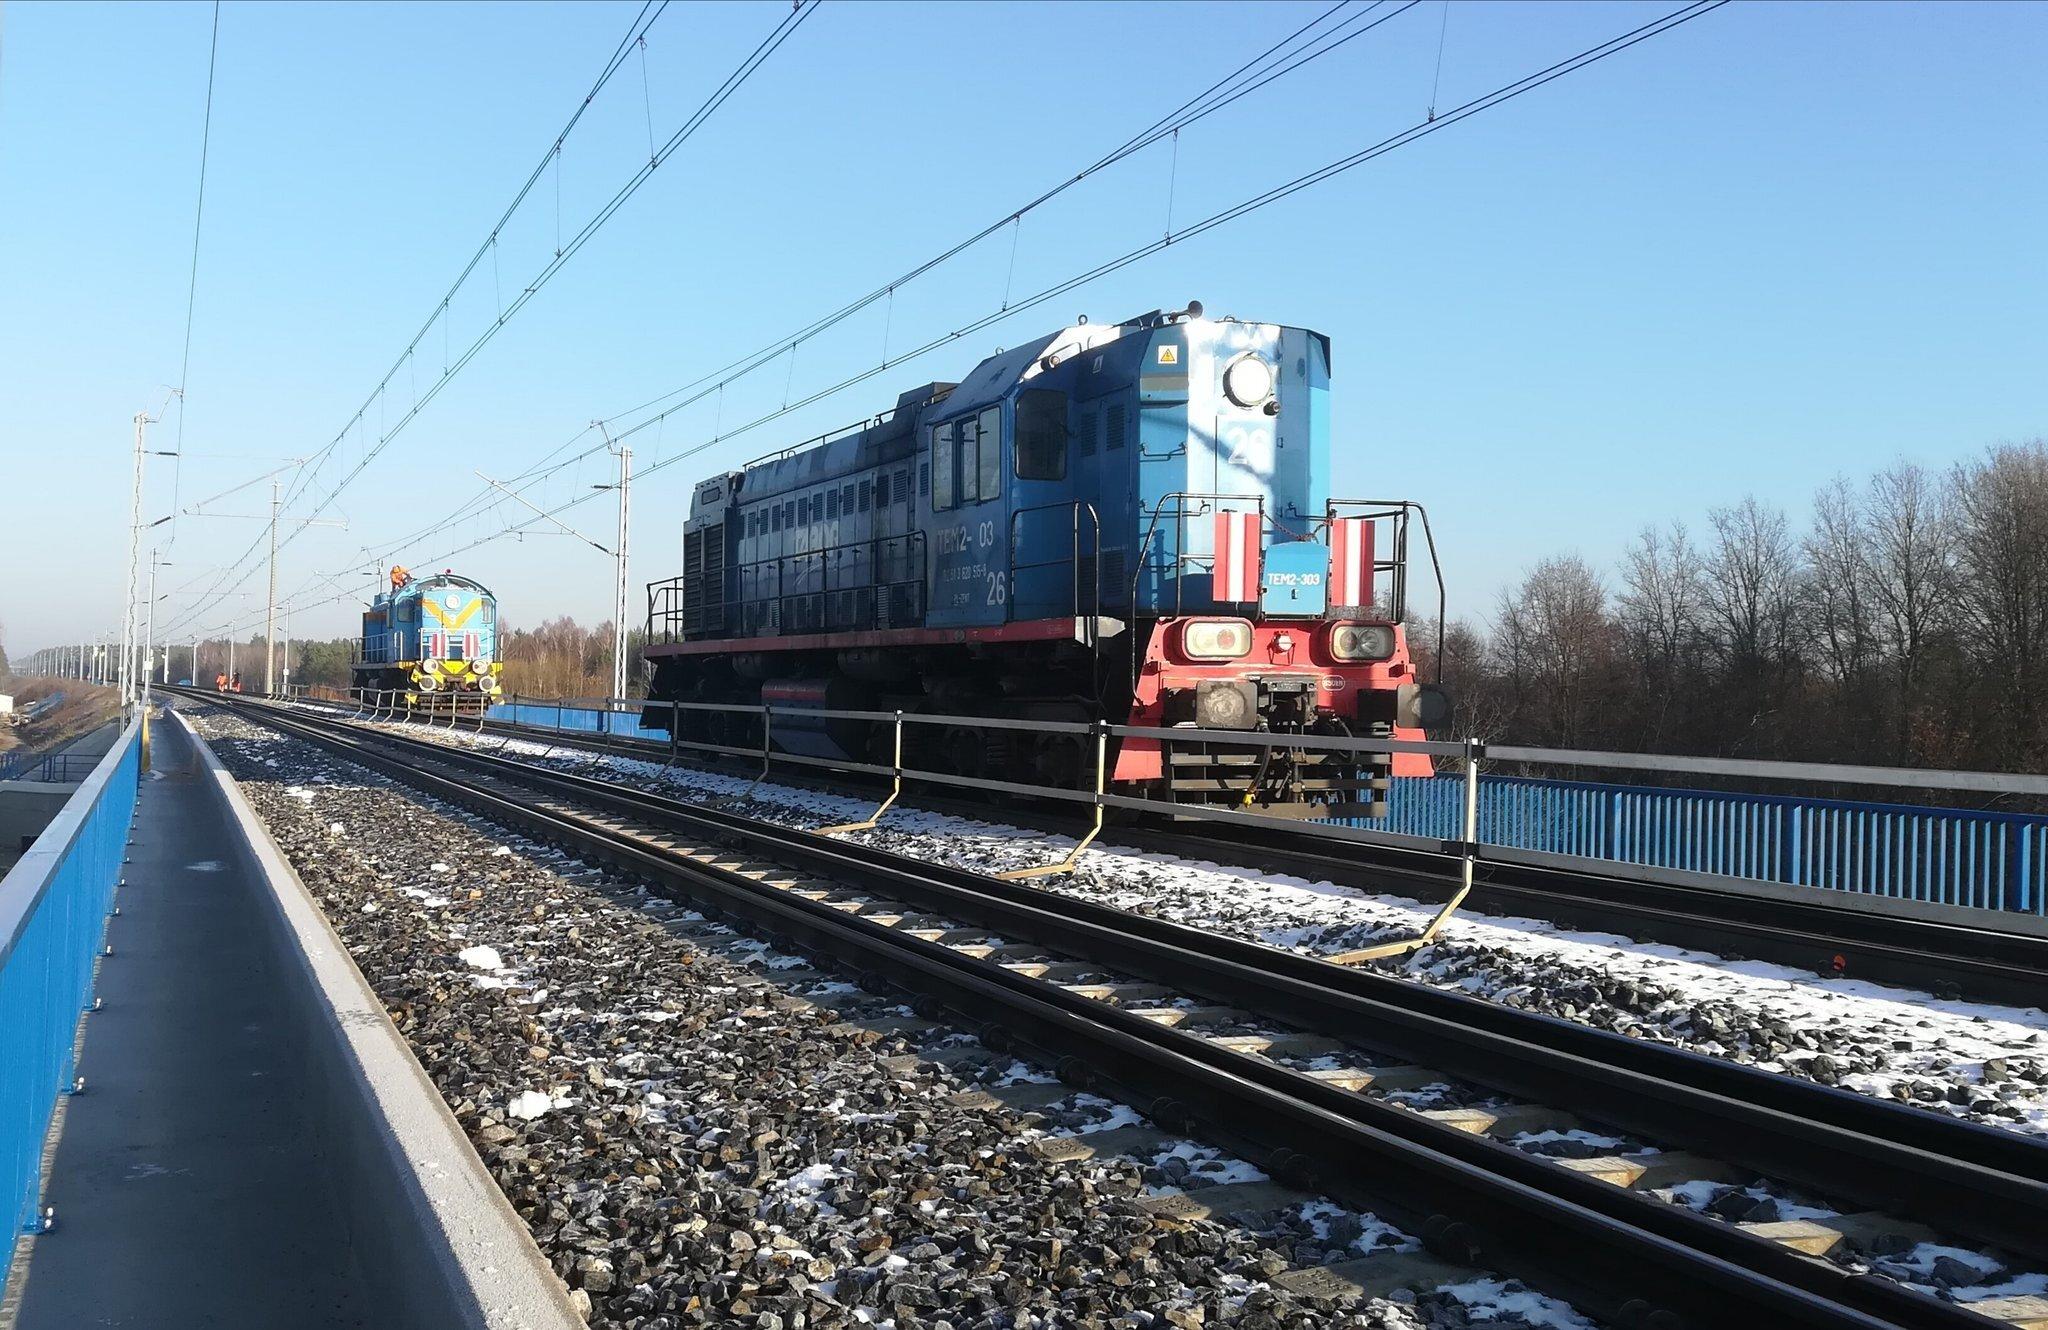 117-tonowe lokomotywy sprawdziły mosty i wiadukty na CMK po modernizacji [ZDJĘCIA]